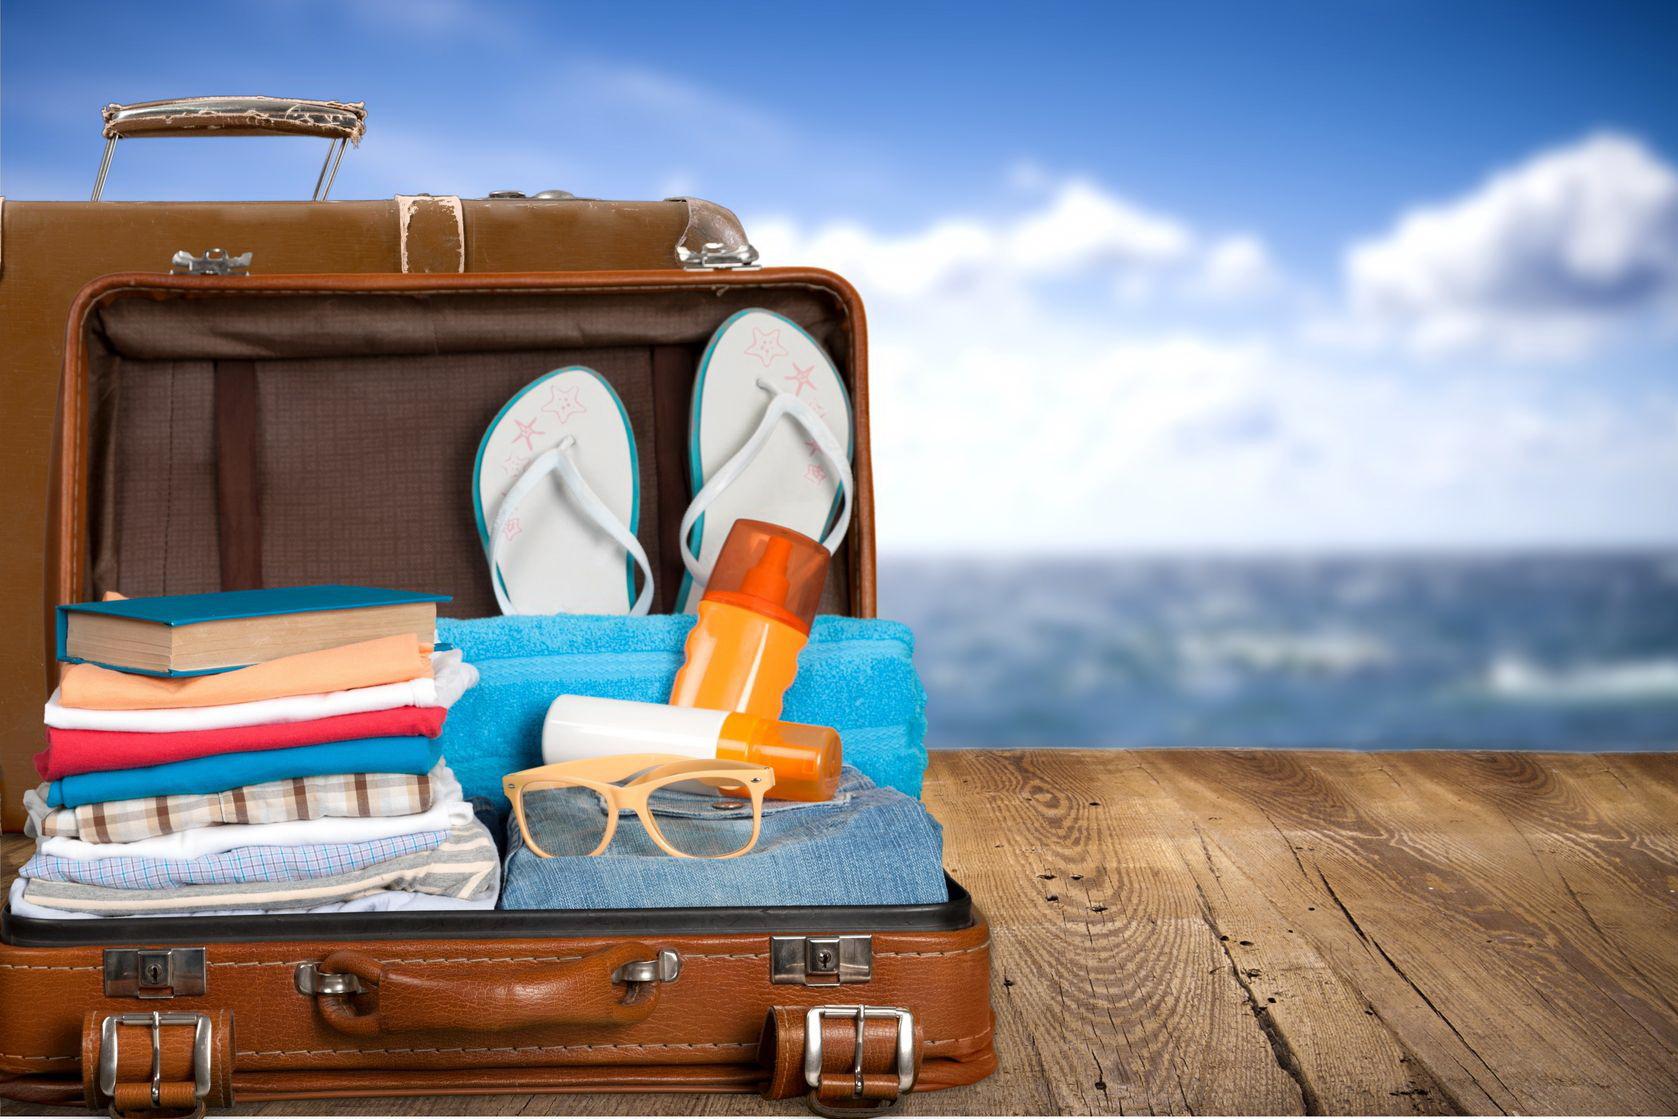 Наличность в долларах, теплые вещи и семечки: туристка рассказывает, что нужно взять с собой на Кубу